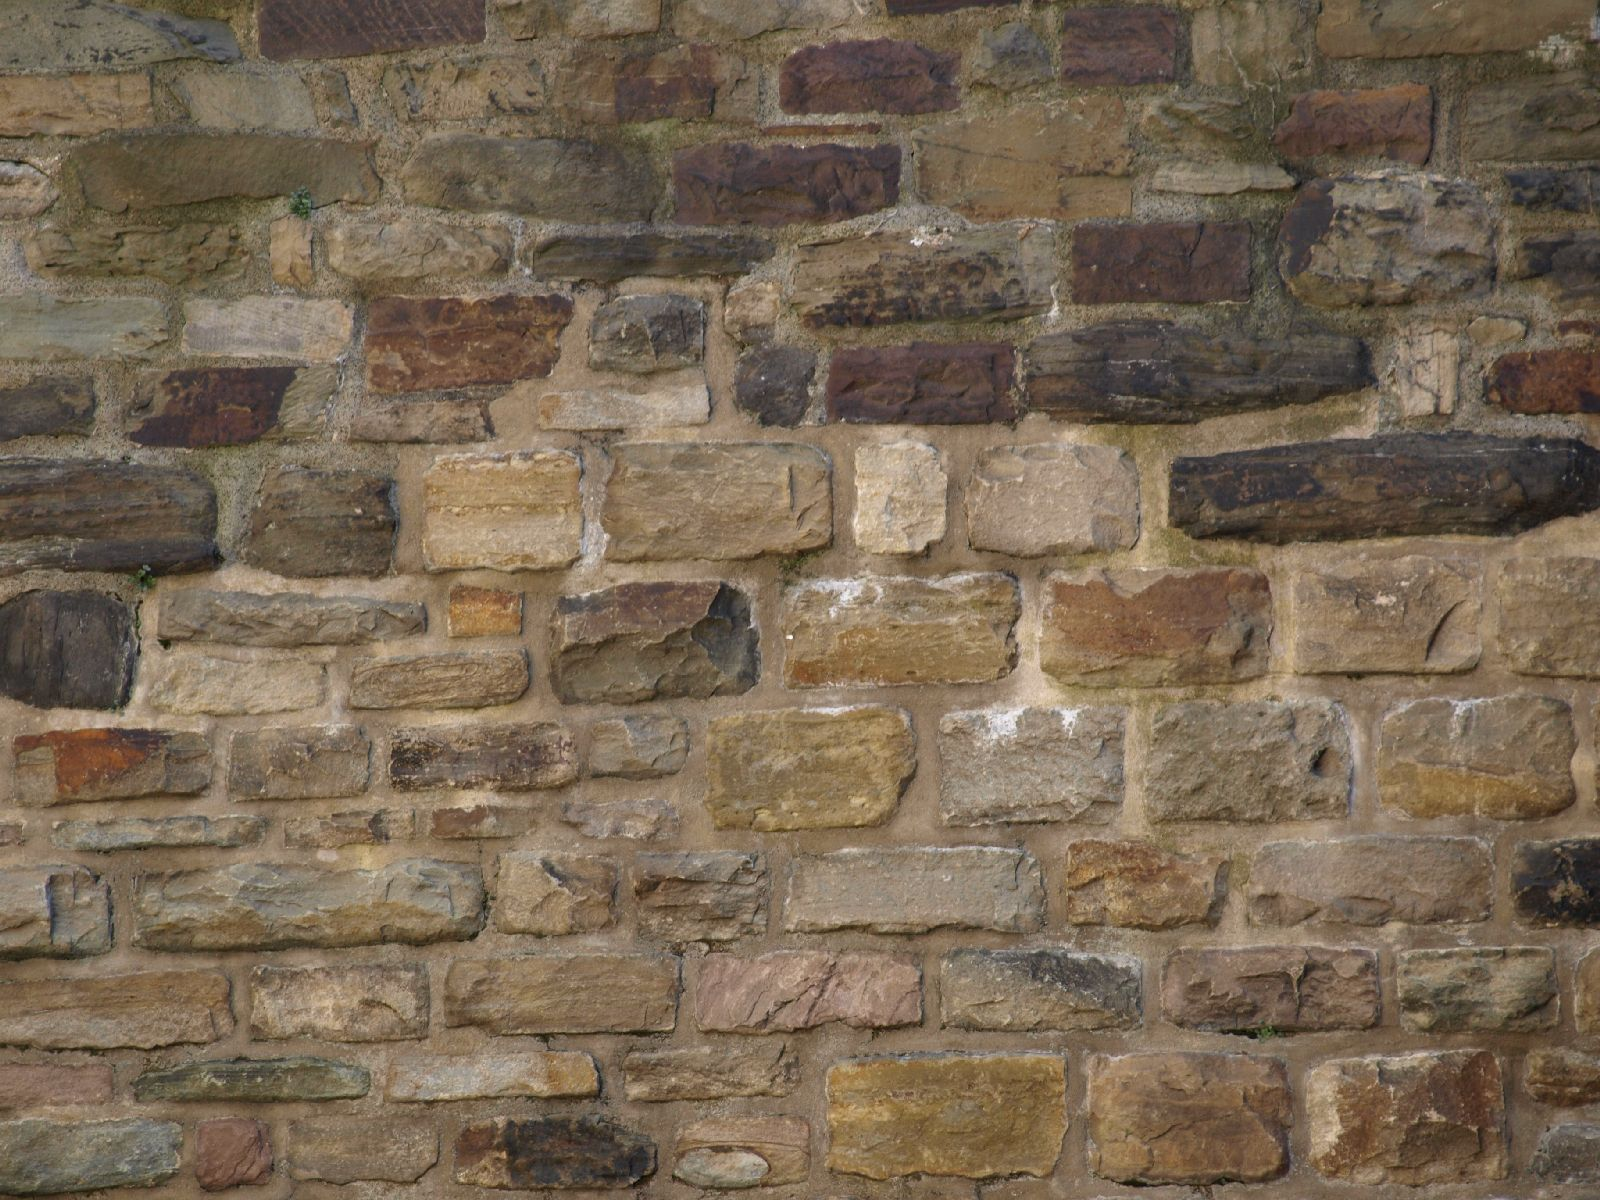 Brick_Texture_A_P6137502